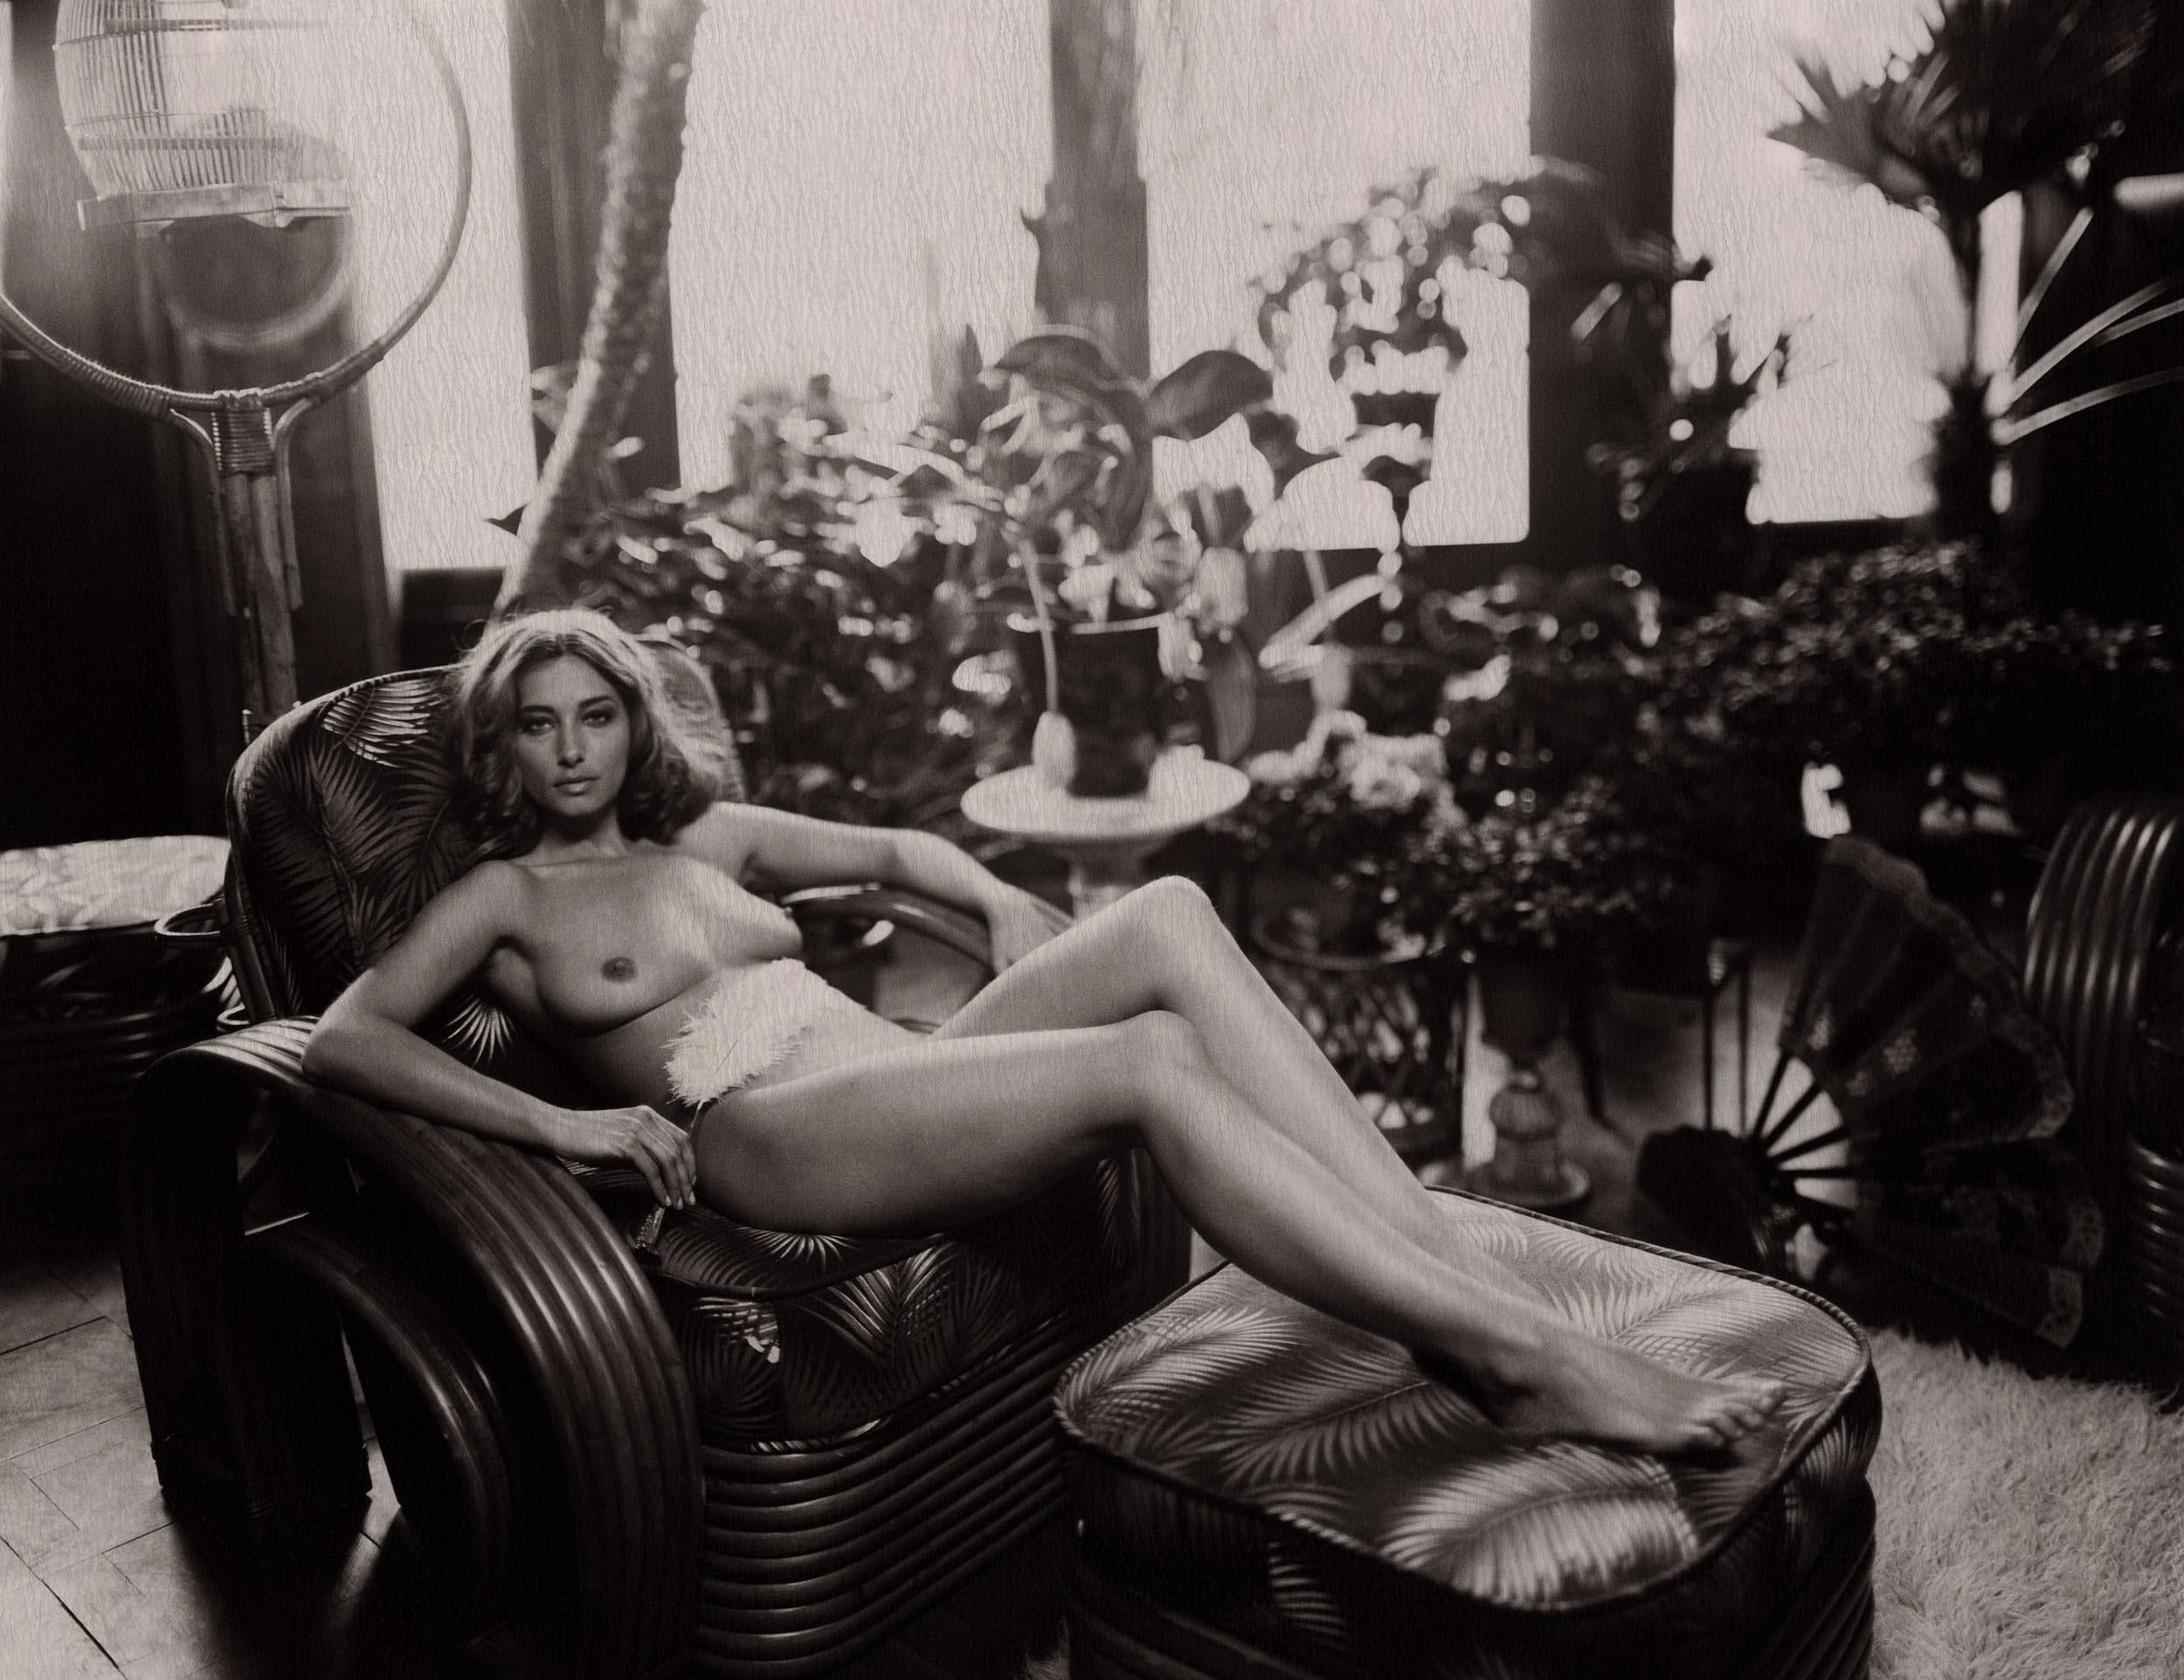 Эротика в фотографии, Фото эротика голых девушки и женщины - смотреть 3 фотография